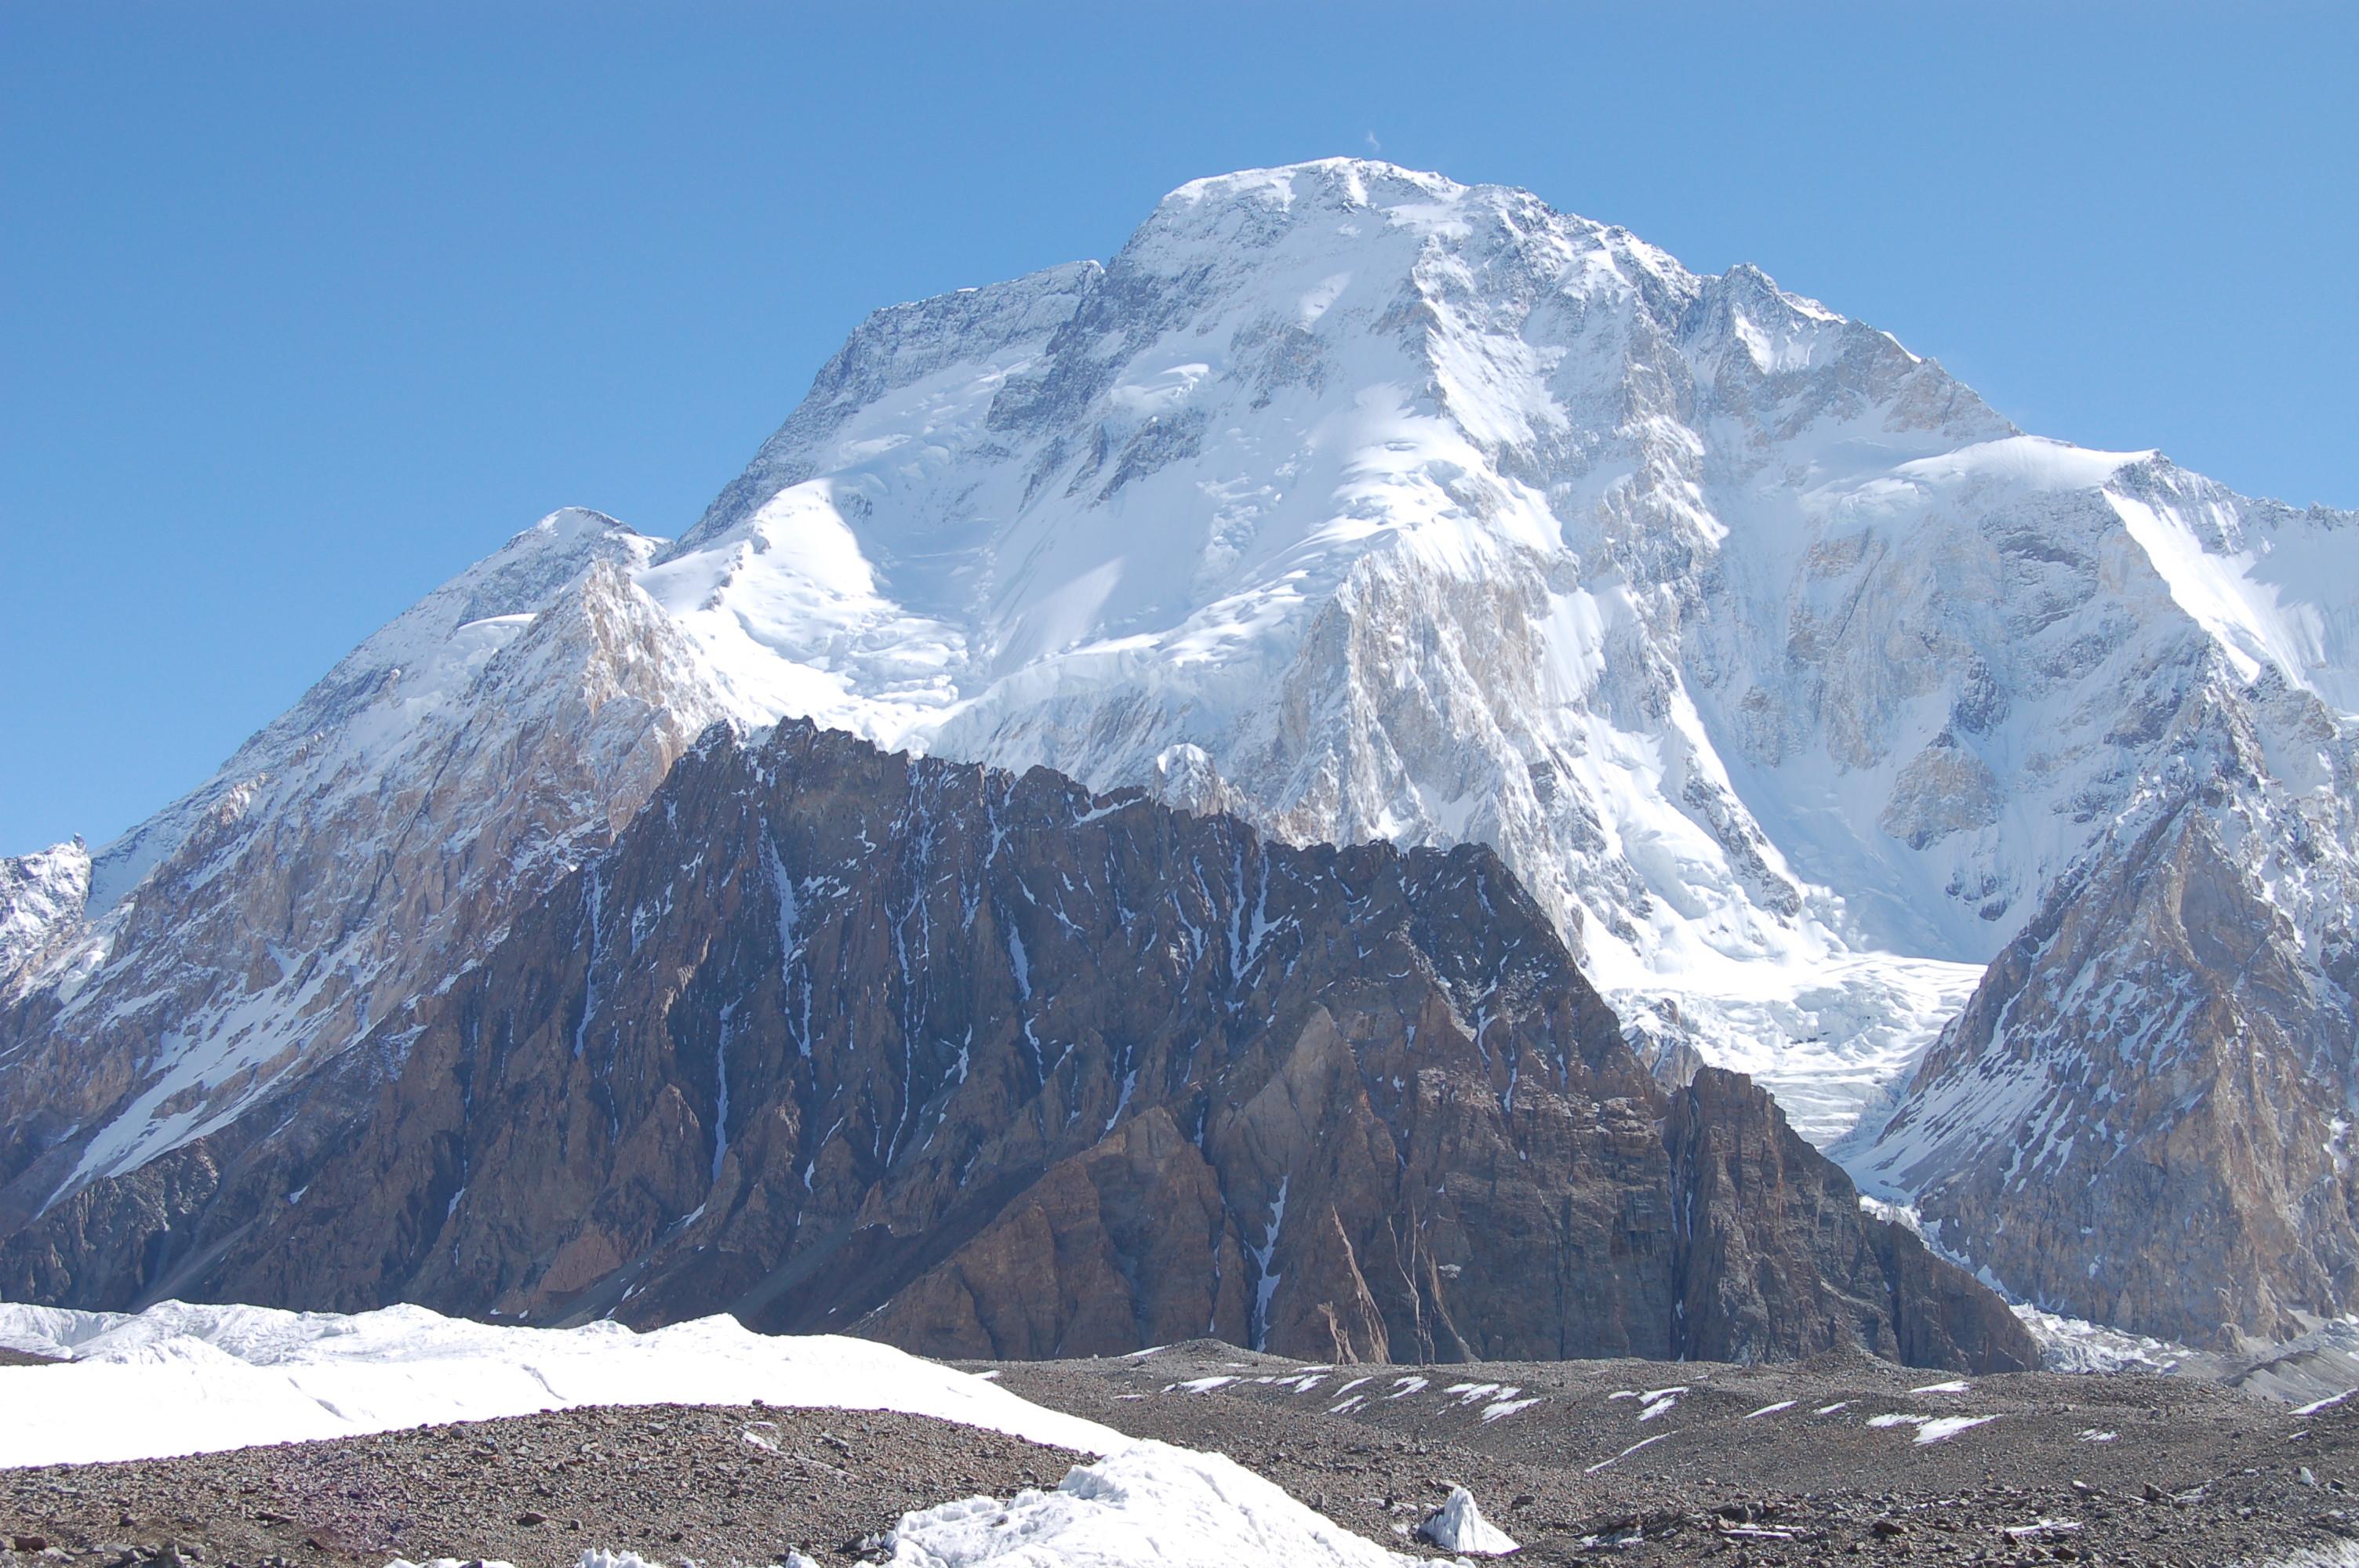 2019/20 Winter Himalaya Climbs: Everest Climb Has Begun